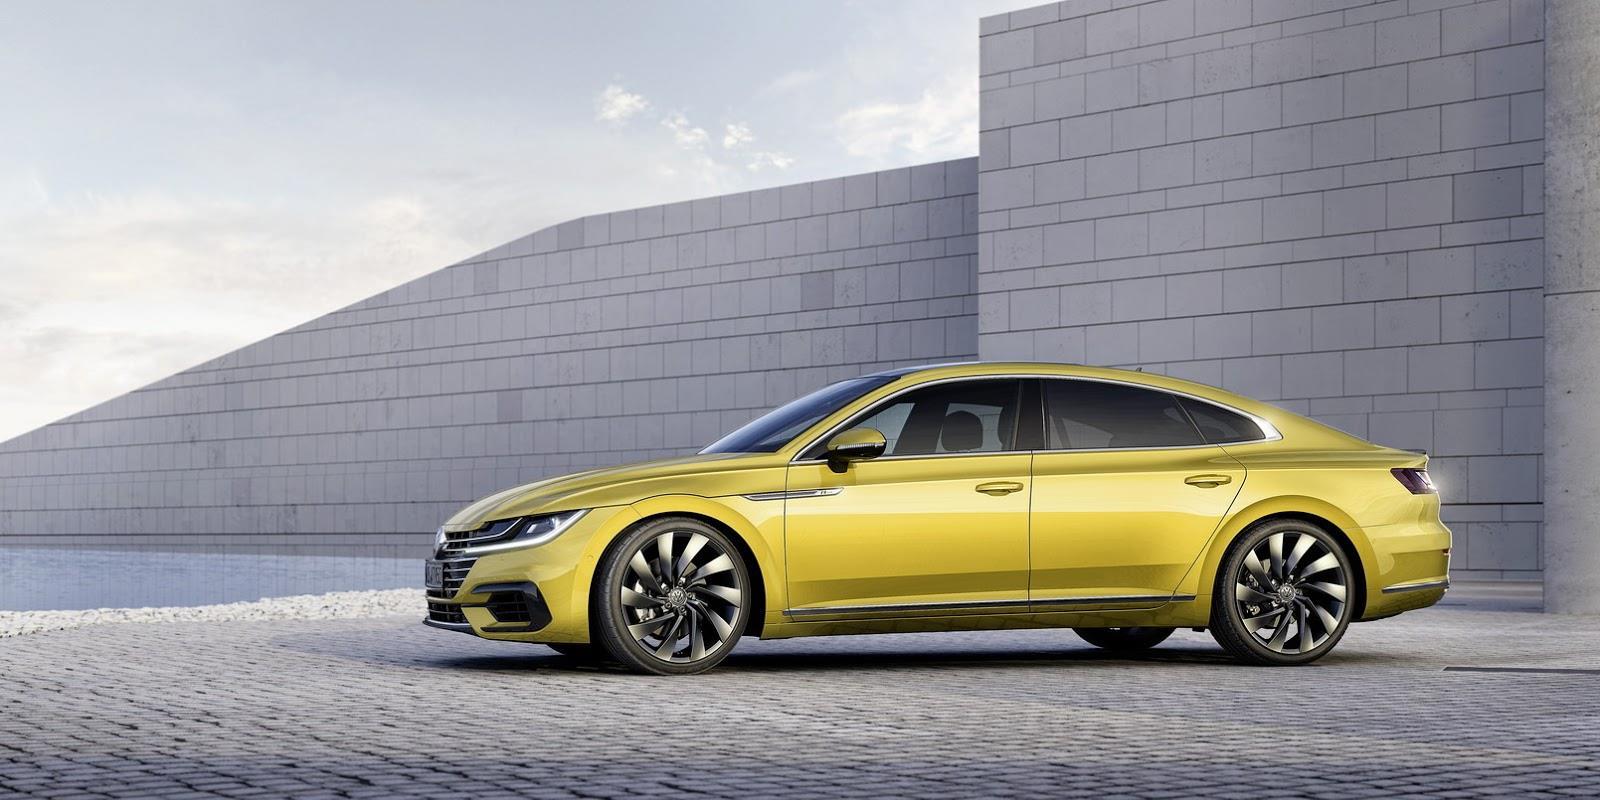 Volkswagen Arteon image gallery